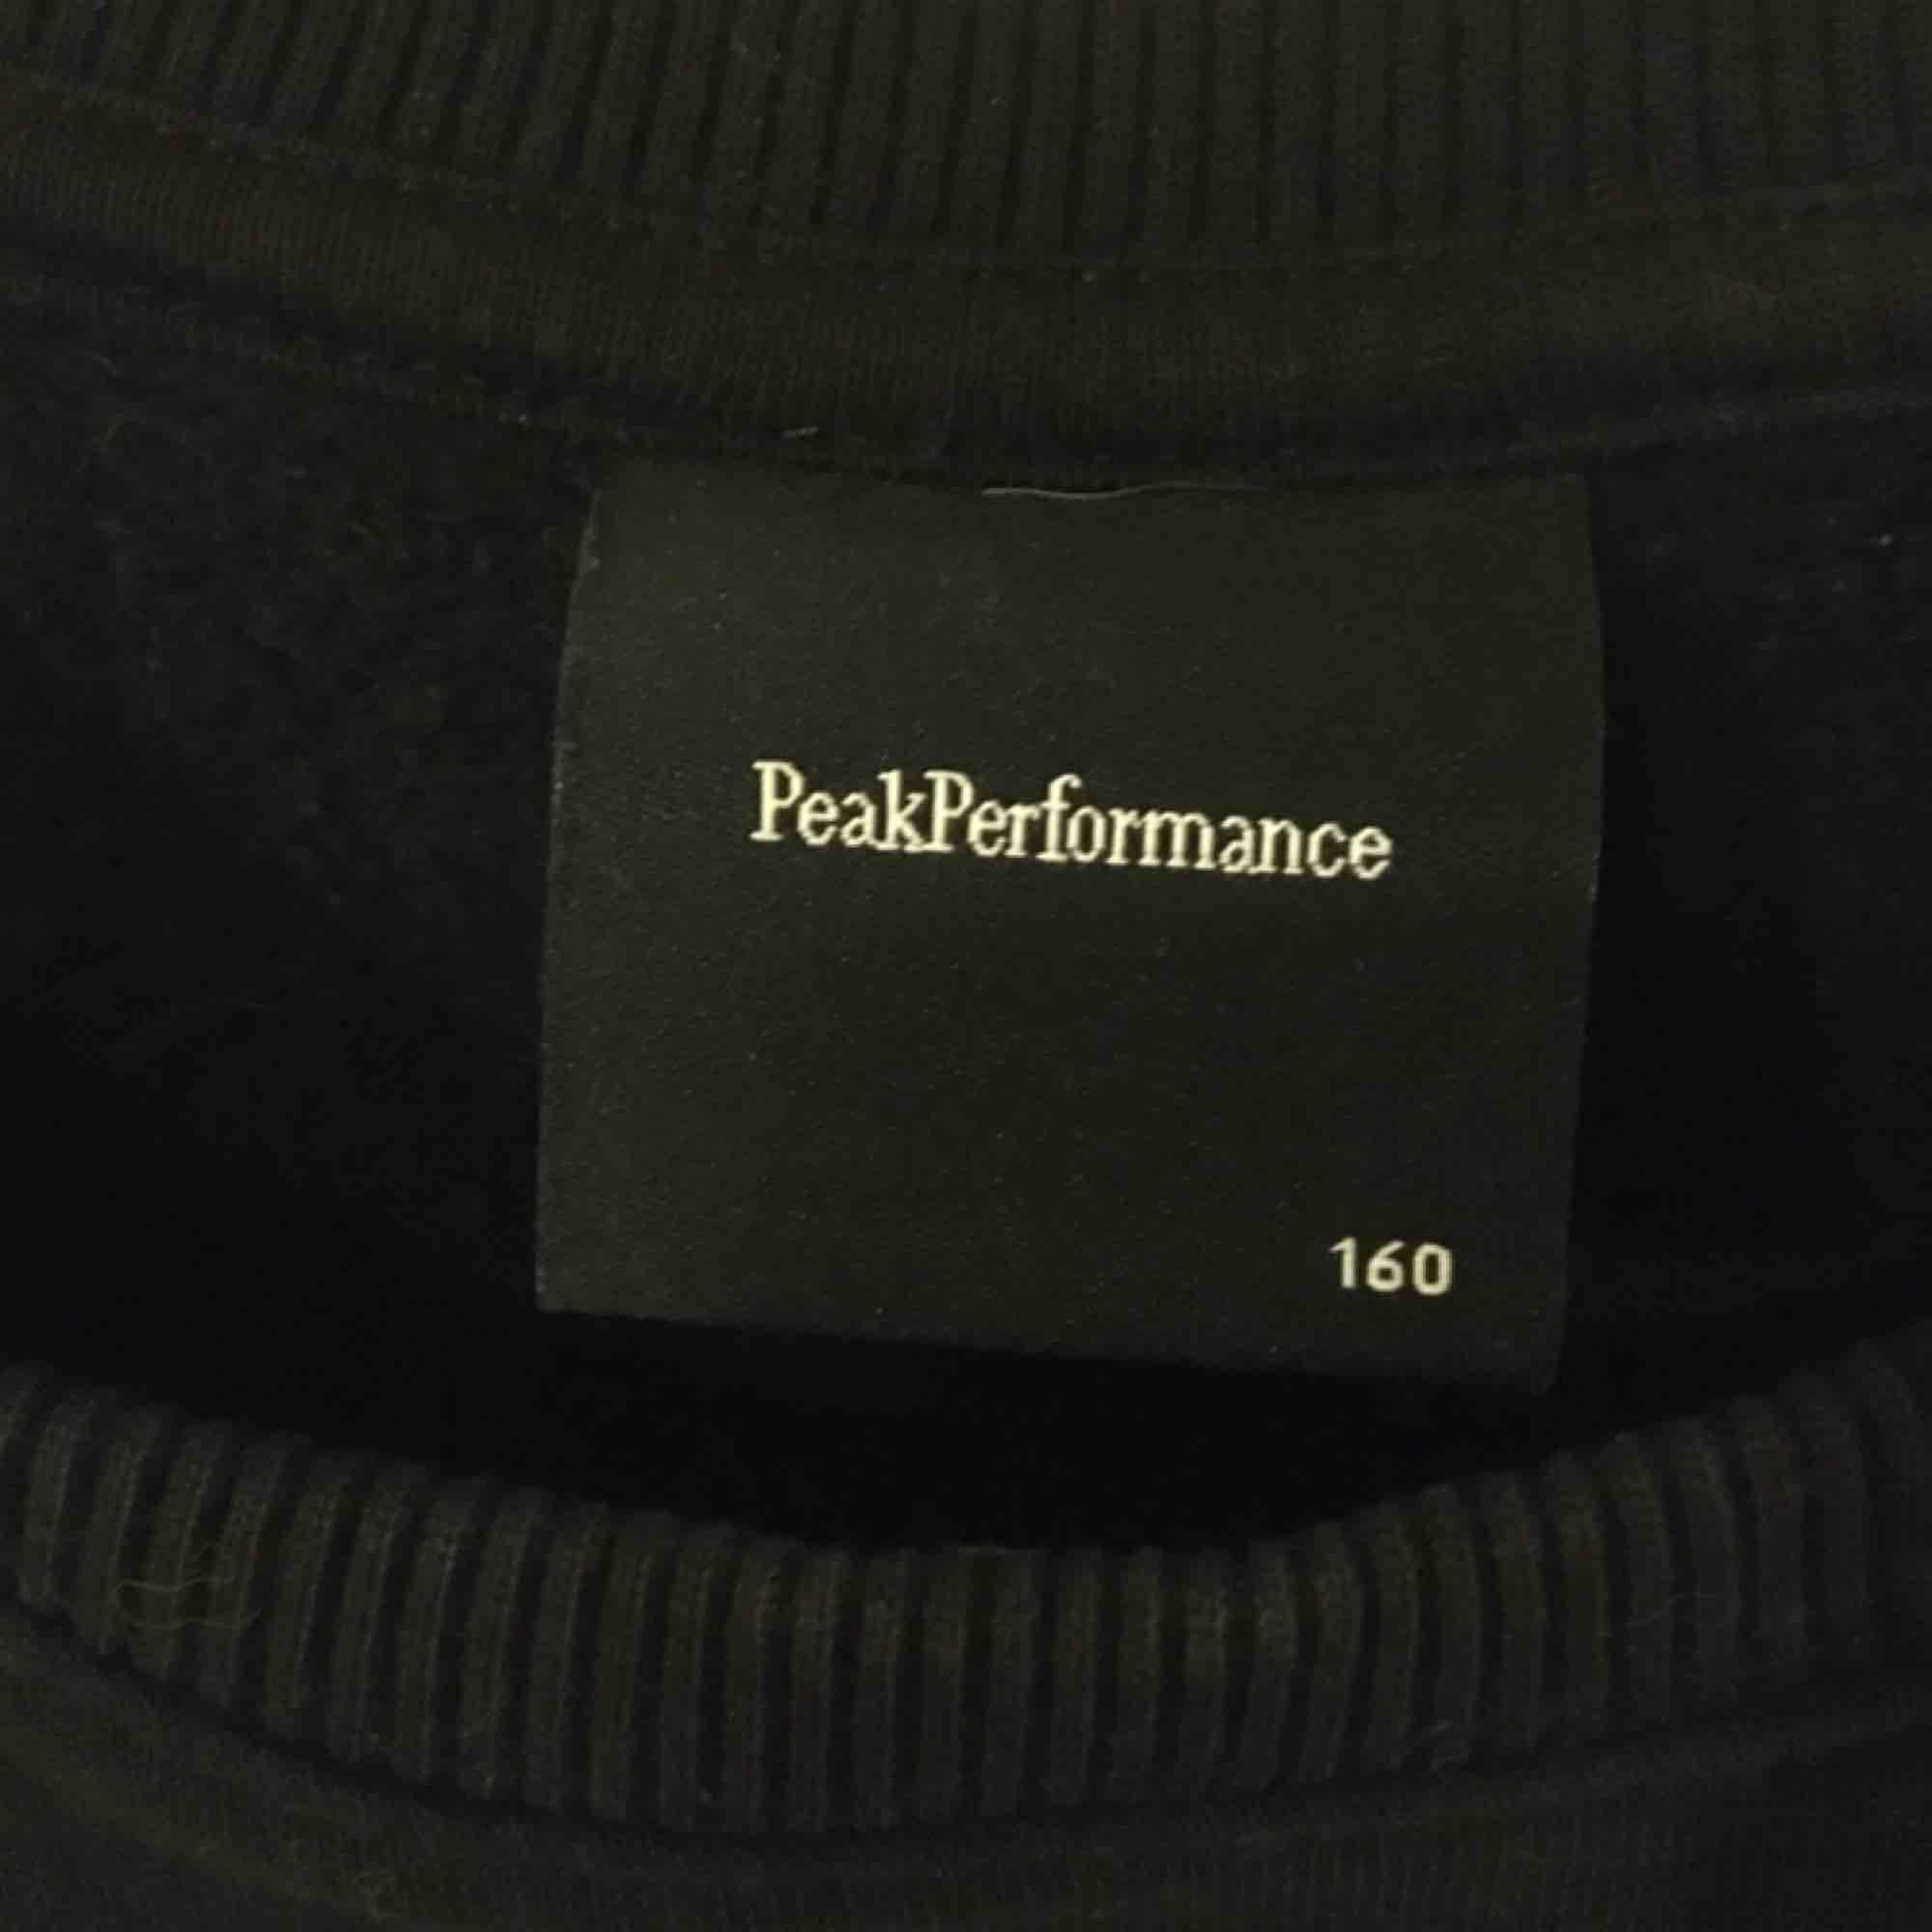 En super fin Peak Performance sweatshirt i nytt skick! Endast använd ett par gånger. Storlek 160cm. Frakt tillkommer☺️. Tröjor & Koftor.